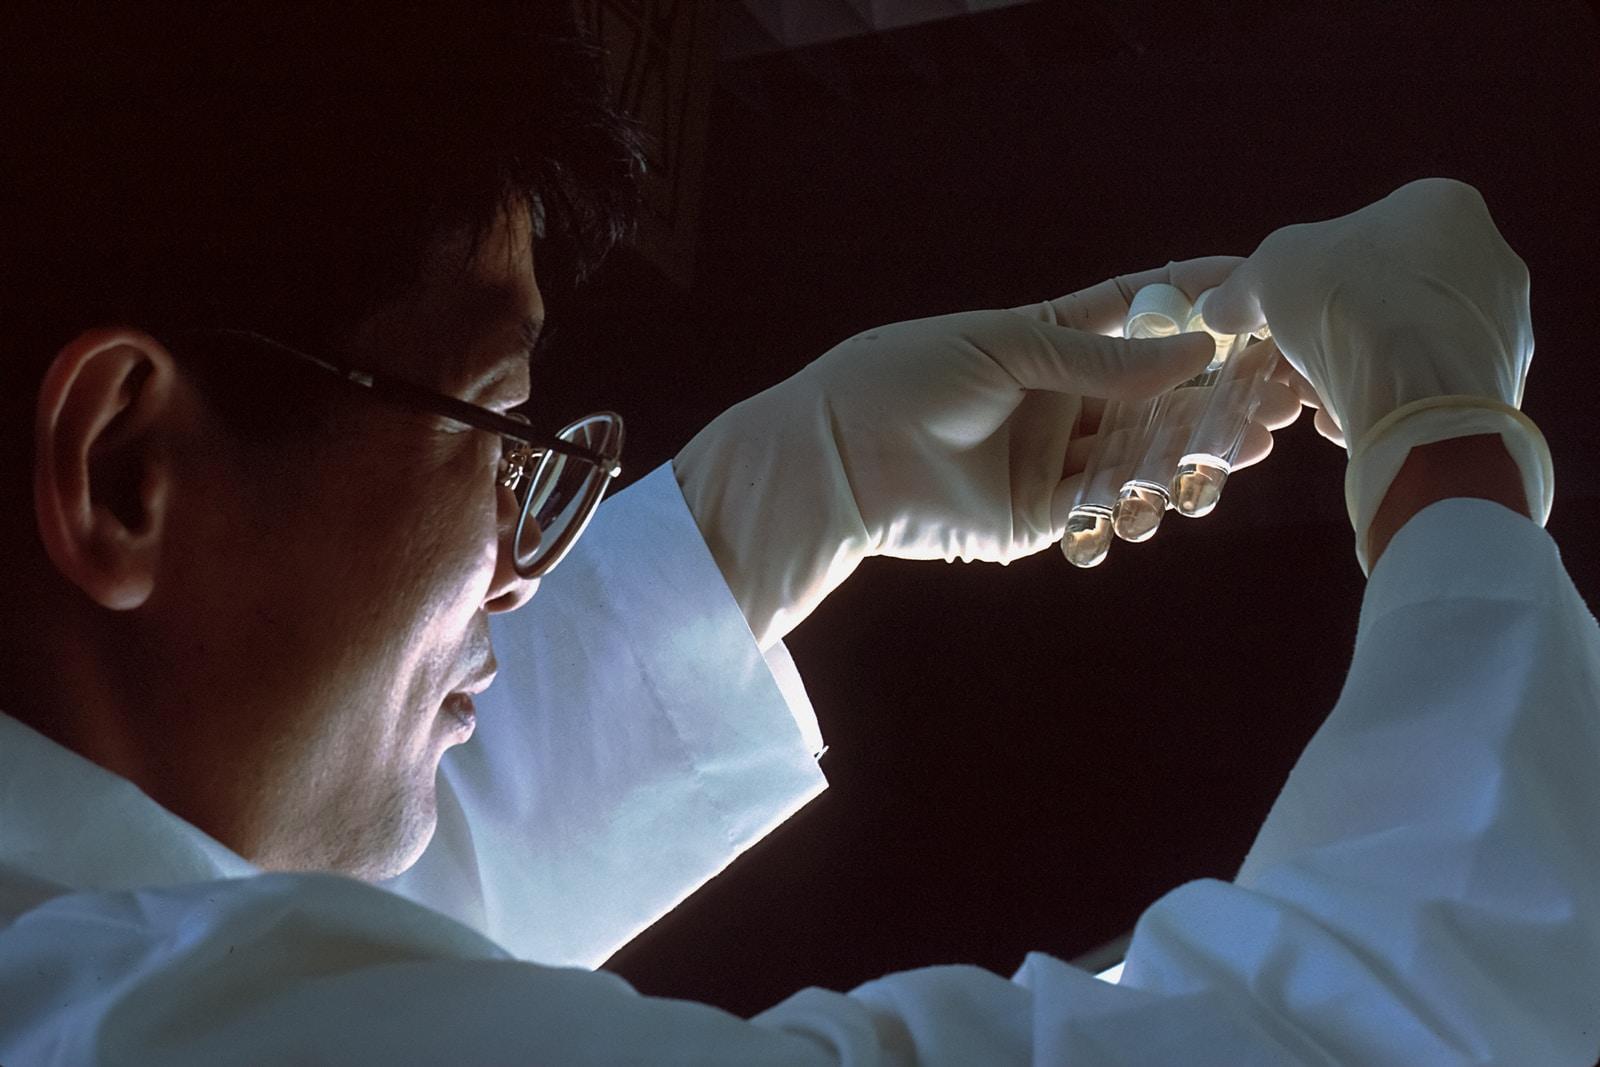 Pandemia prejudicou o combate a outras doenças, como HIV e tuberculose